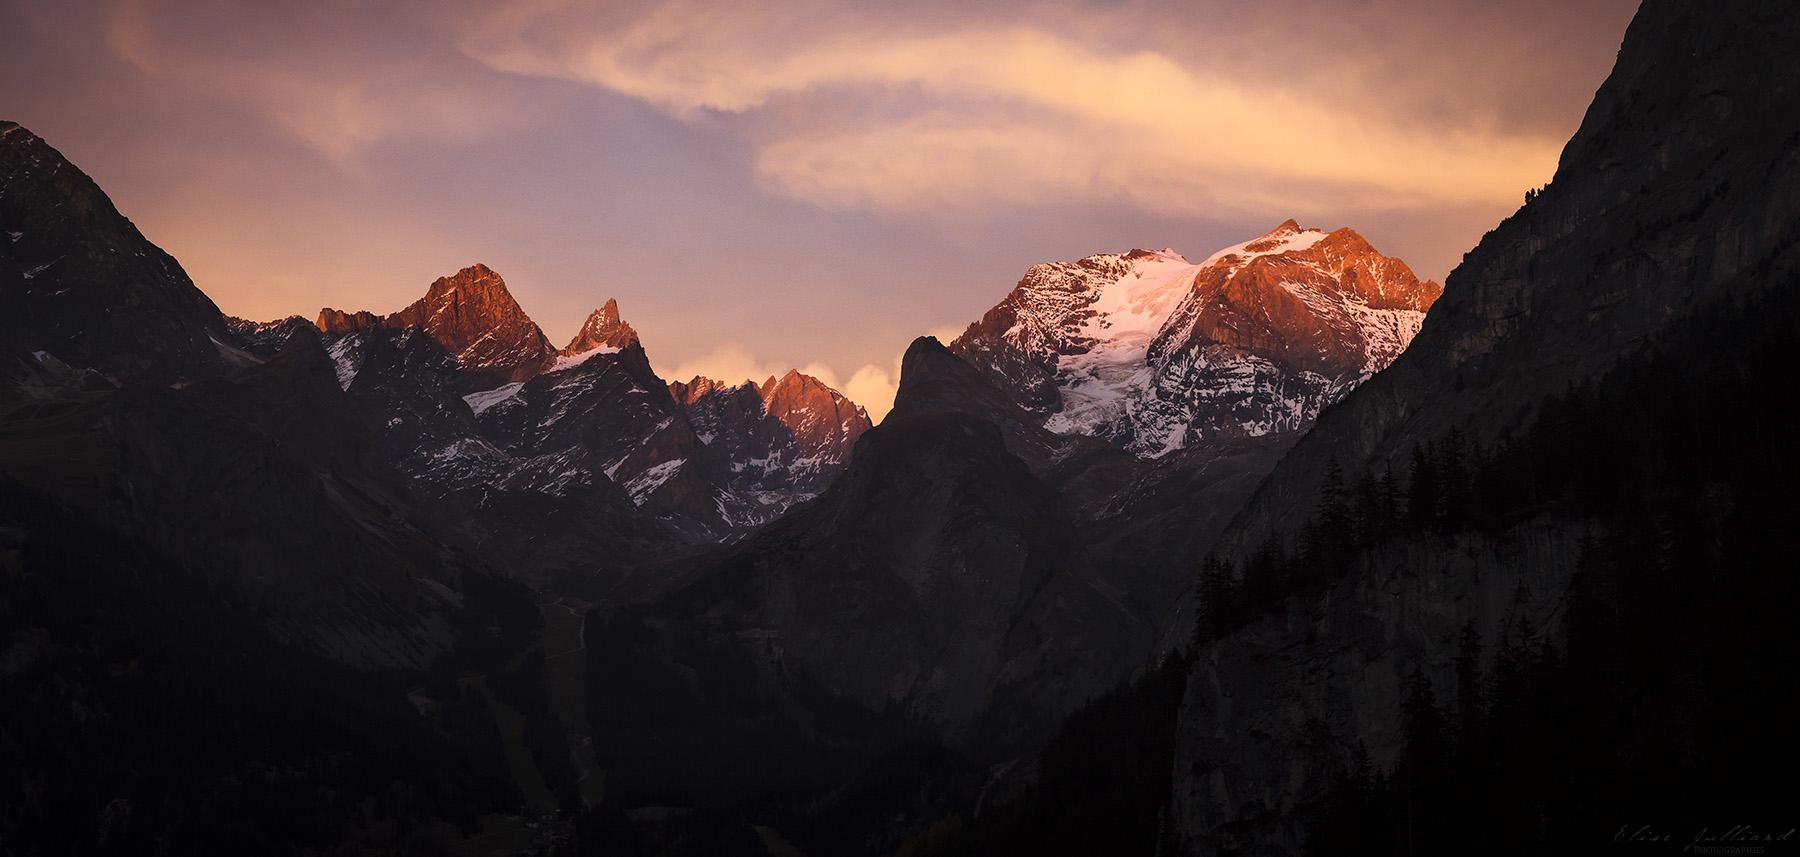 pralognan-la-vanoise-parc-national-grande-casse-aiguille-moriond-grande-petite-gliere-pointe-epena-paysage-savoie-auvergne-rhone-alpes-tarentaise-elise-julliard-photographe-lyon